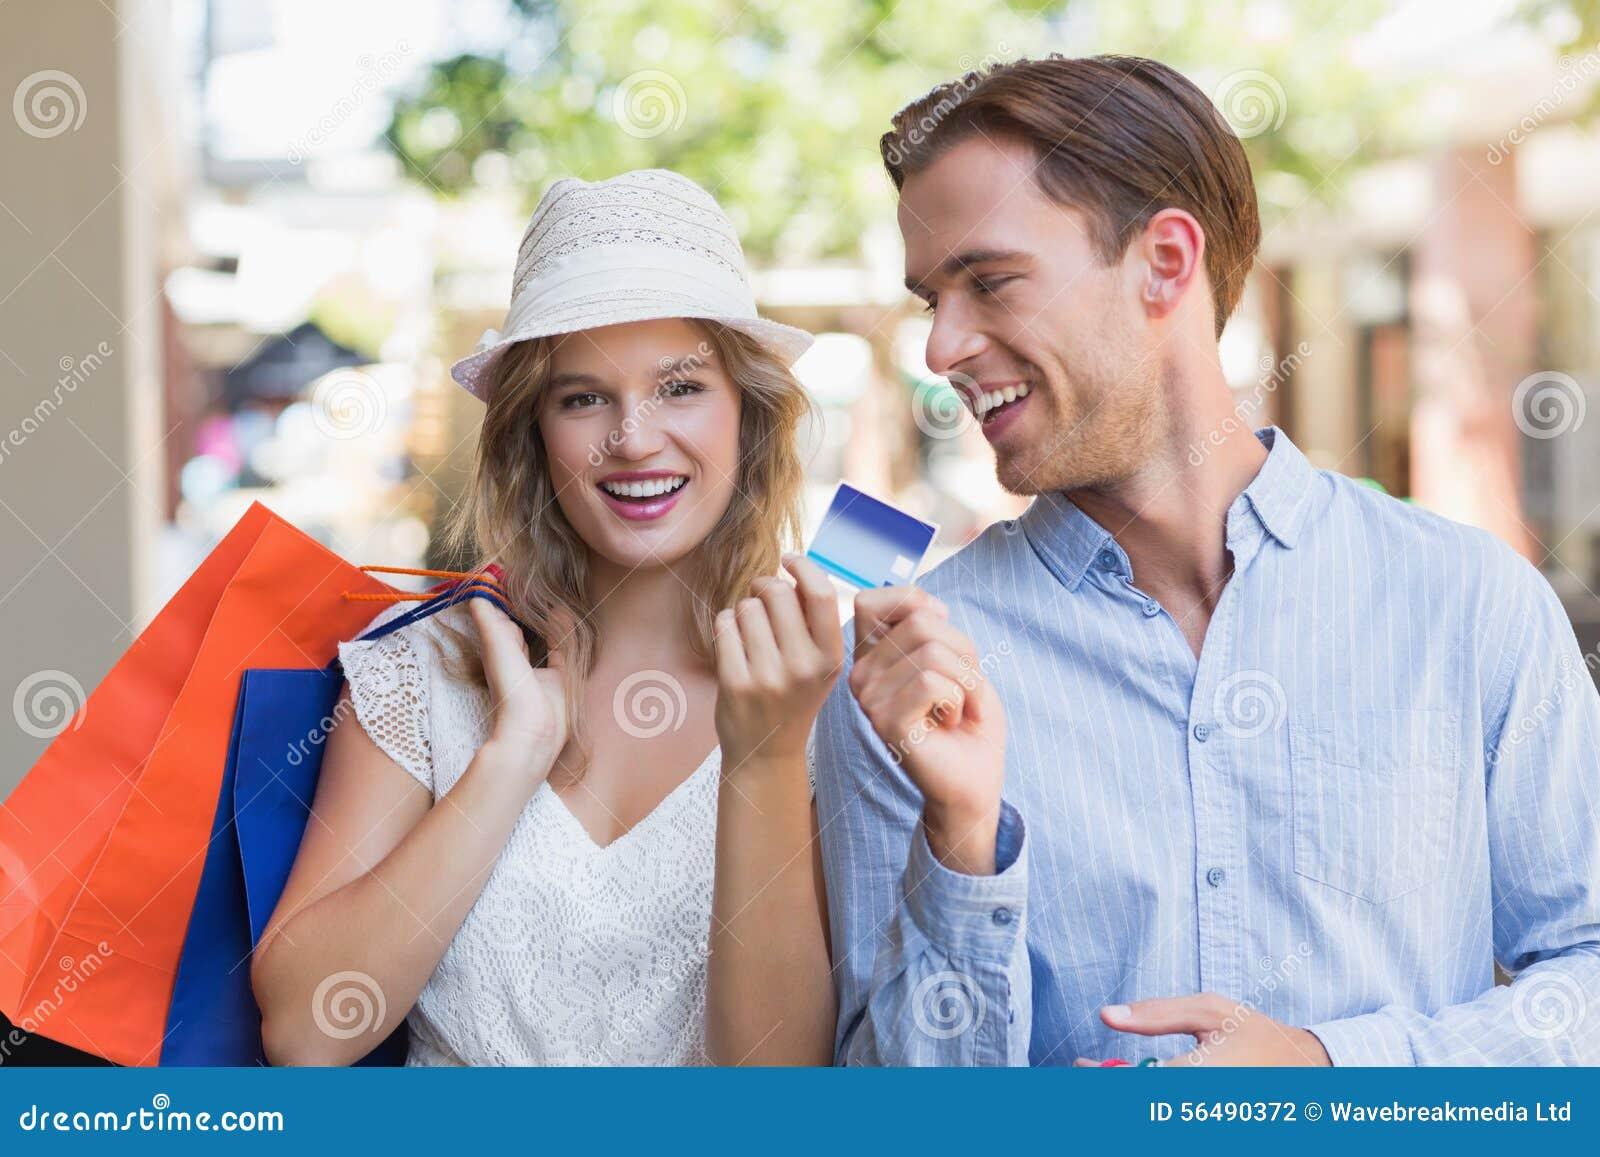 Couples mignons remettant une carte de crédit